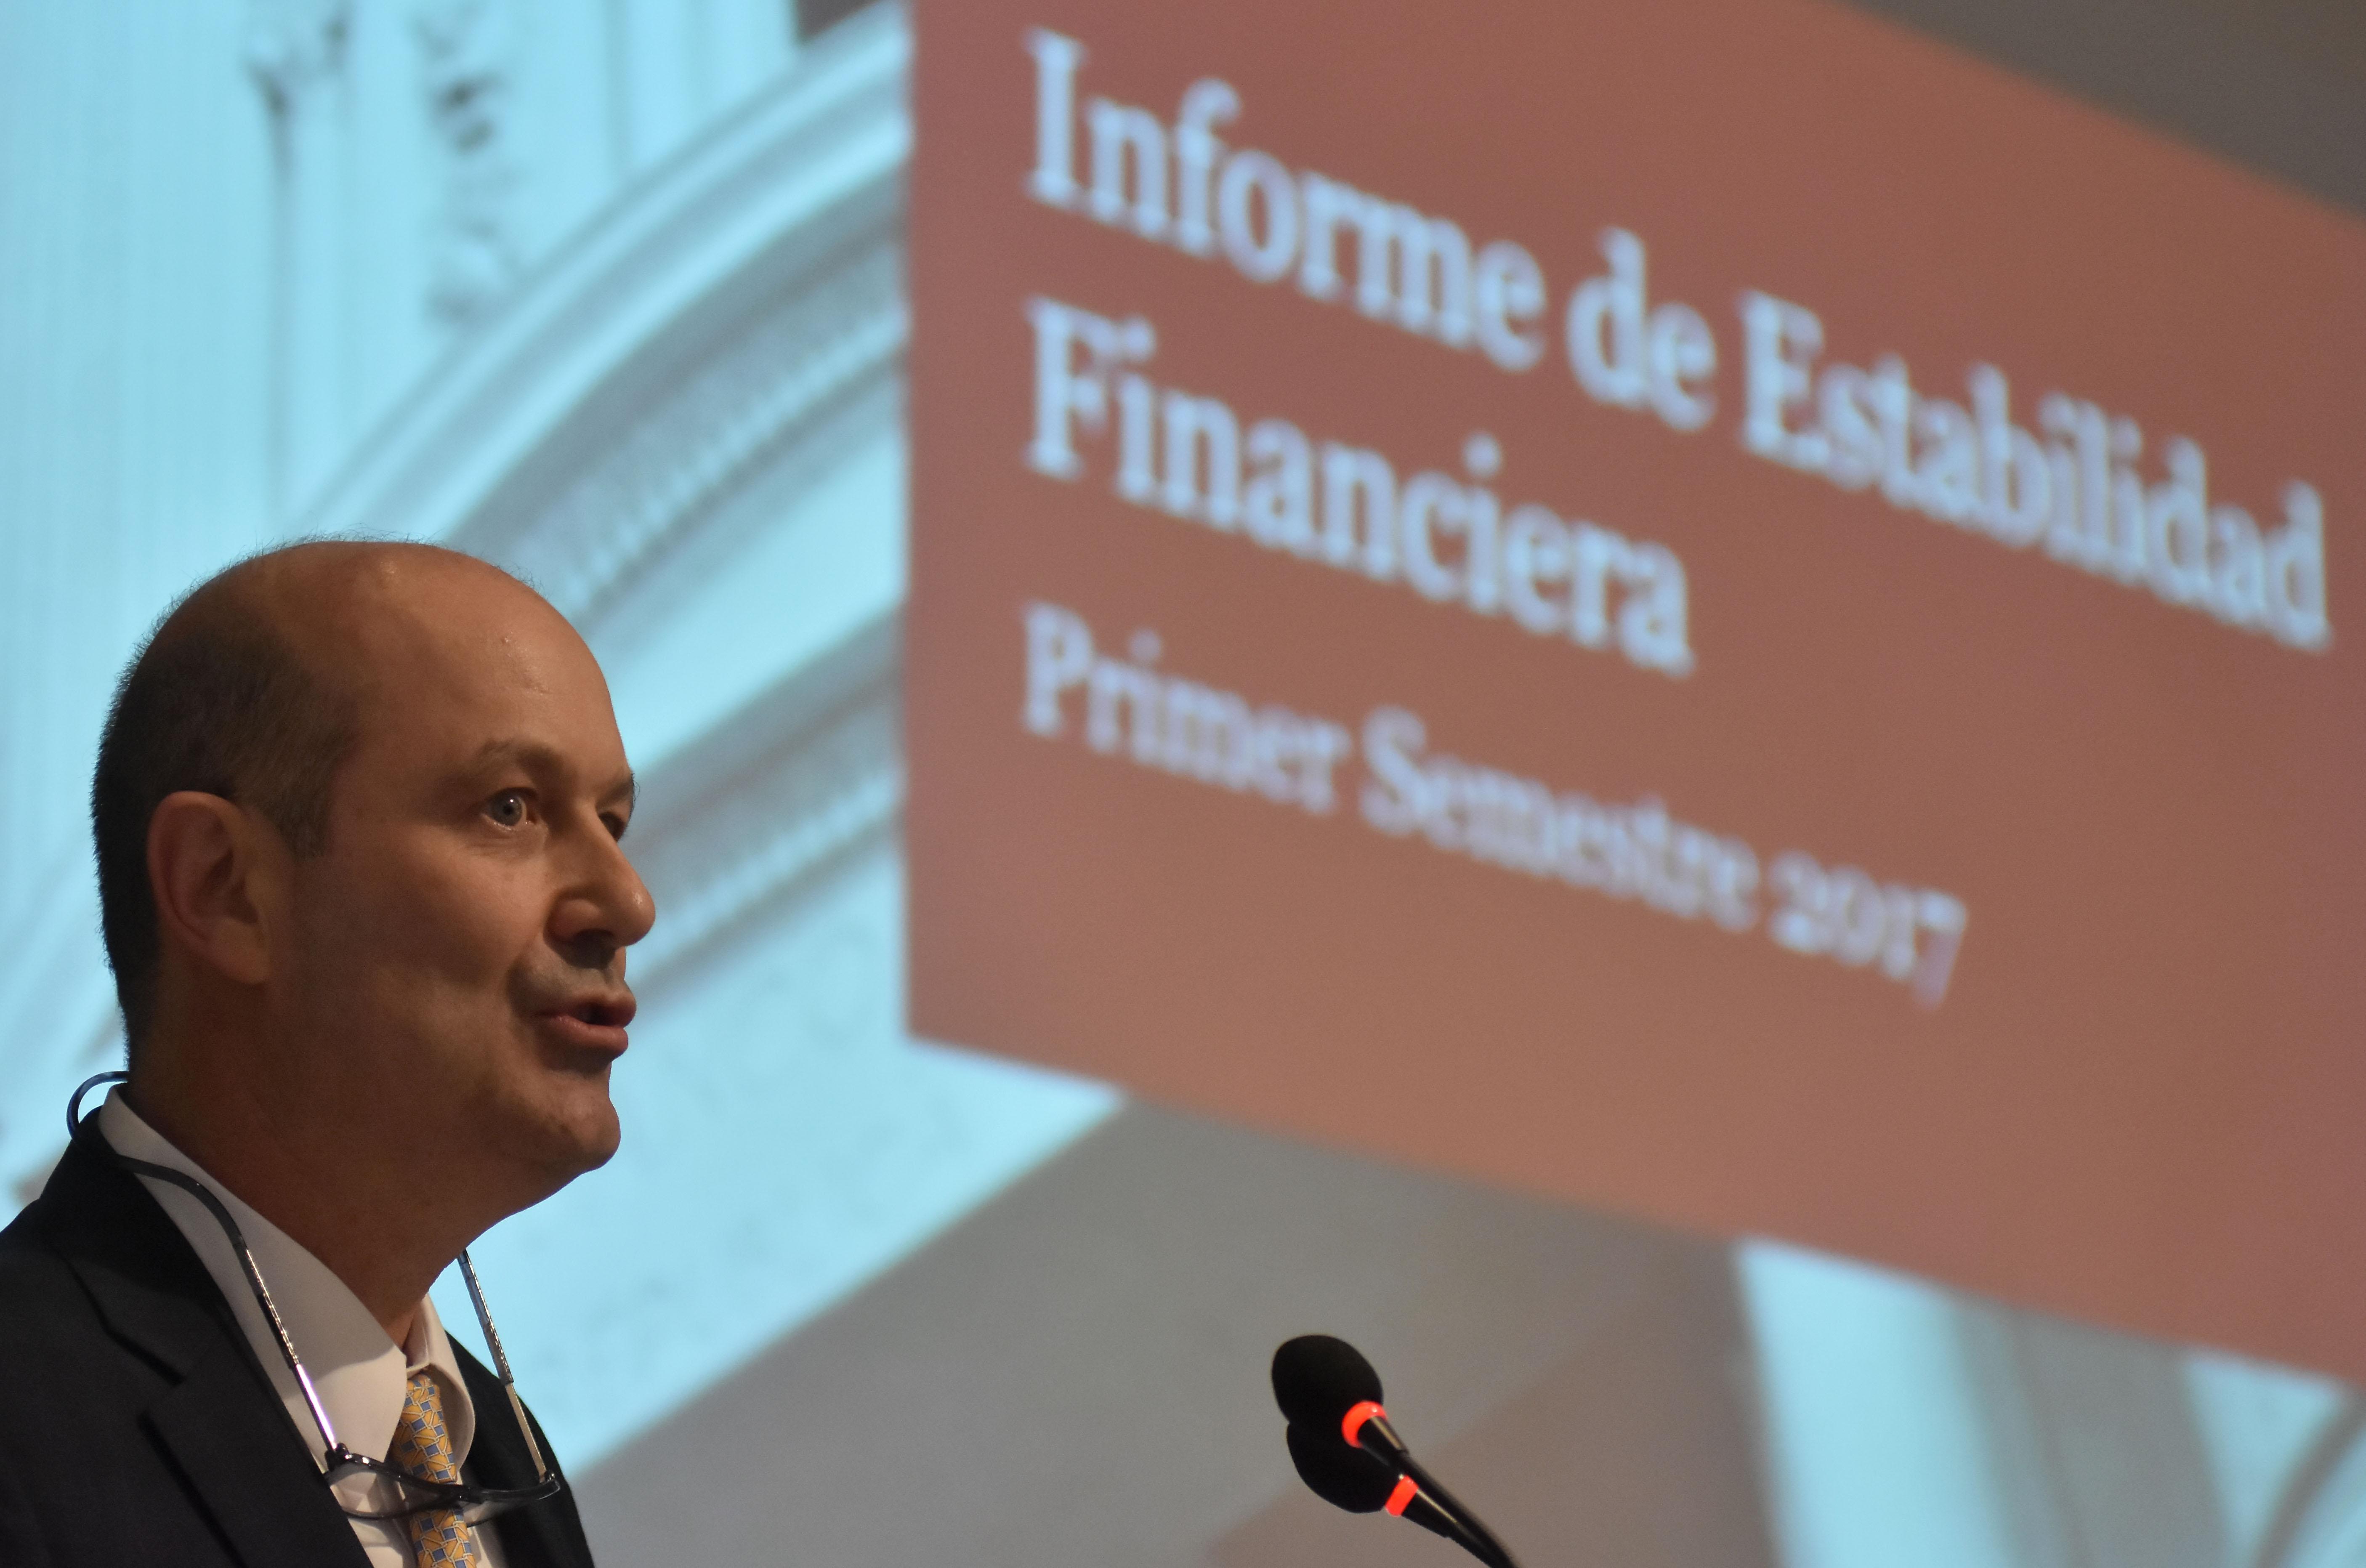 DYN36, BUENOS AIRES 17/05/17, FEDERICO STURZENEGGER, PRESIDENTE DEL BCRA, BRINDO UNA CONF. DE PRENSA PARA PRESENTAR EL INFORME DE ESTABILIDAD FINANCIERA (IEF) CORRESPONDIENTE A MAYO DE 2017.FOTO-DYN/EZEQUIEL PONTORIERO.